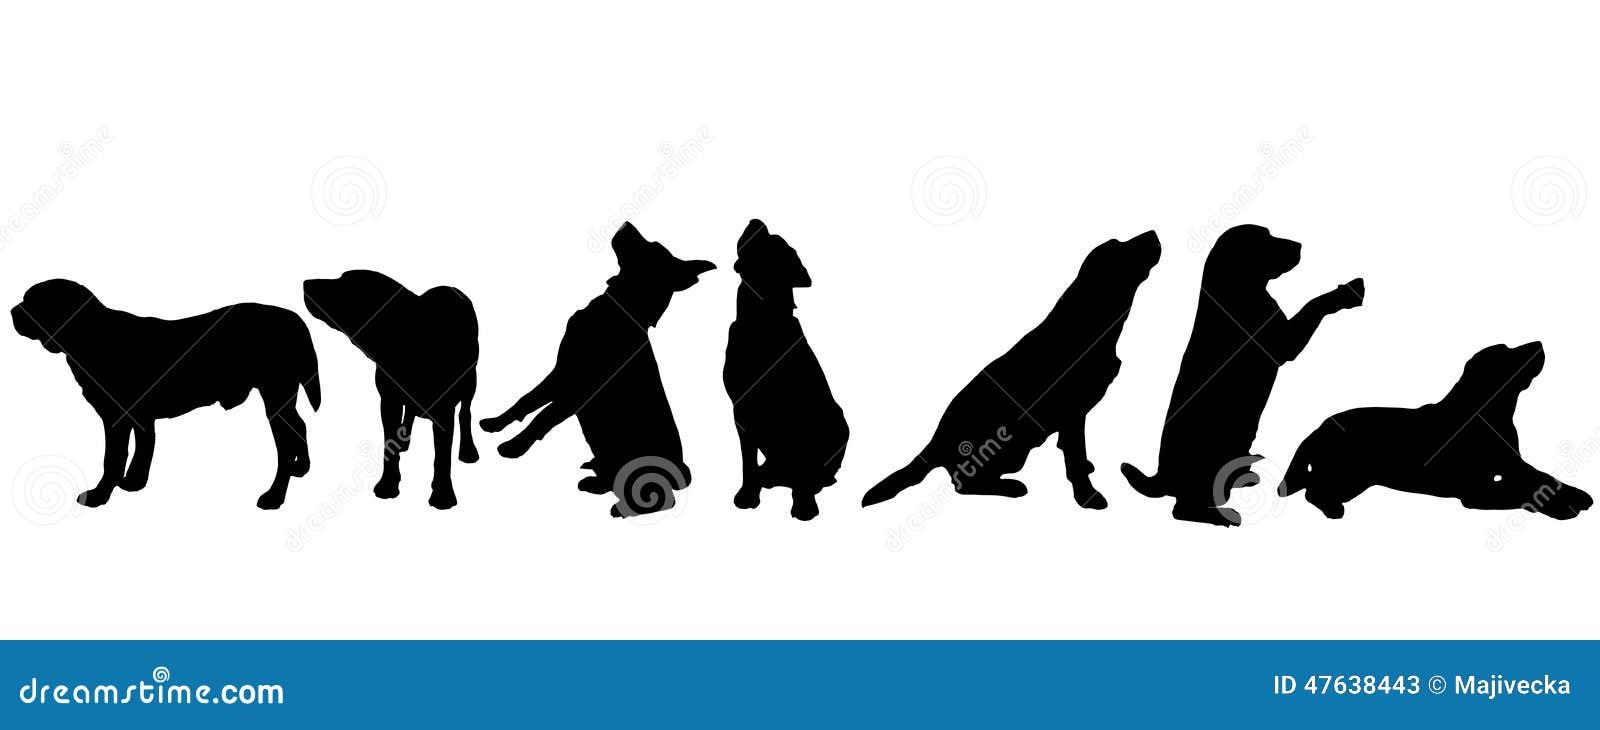 Διανυσματική σκιαγραφία ενός σκυλιού